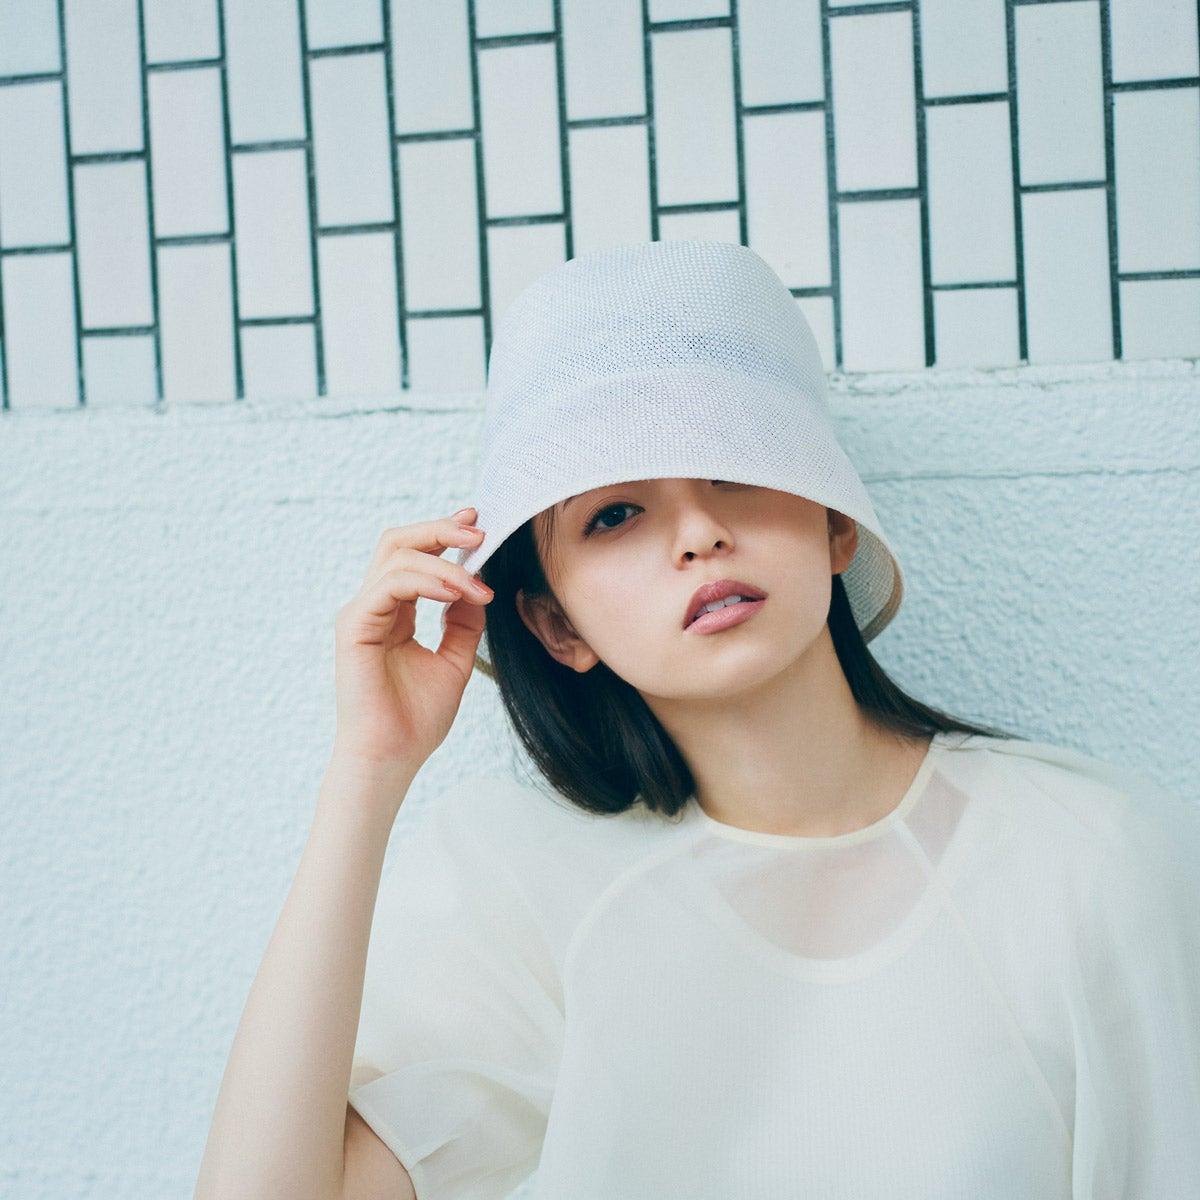 乃木坂46 齋藤飛鳥の2/her クールに着る、可愛く着る。夏のホワイト